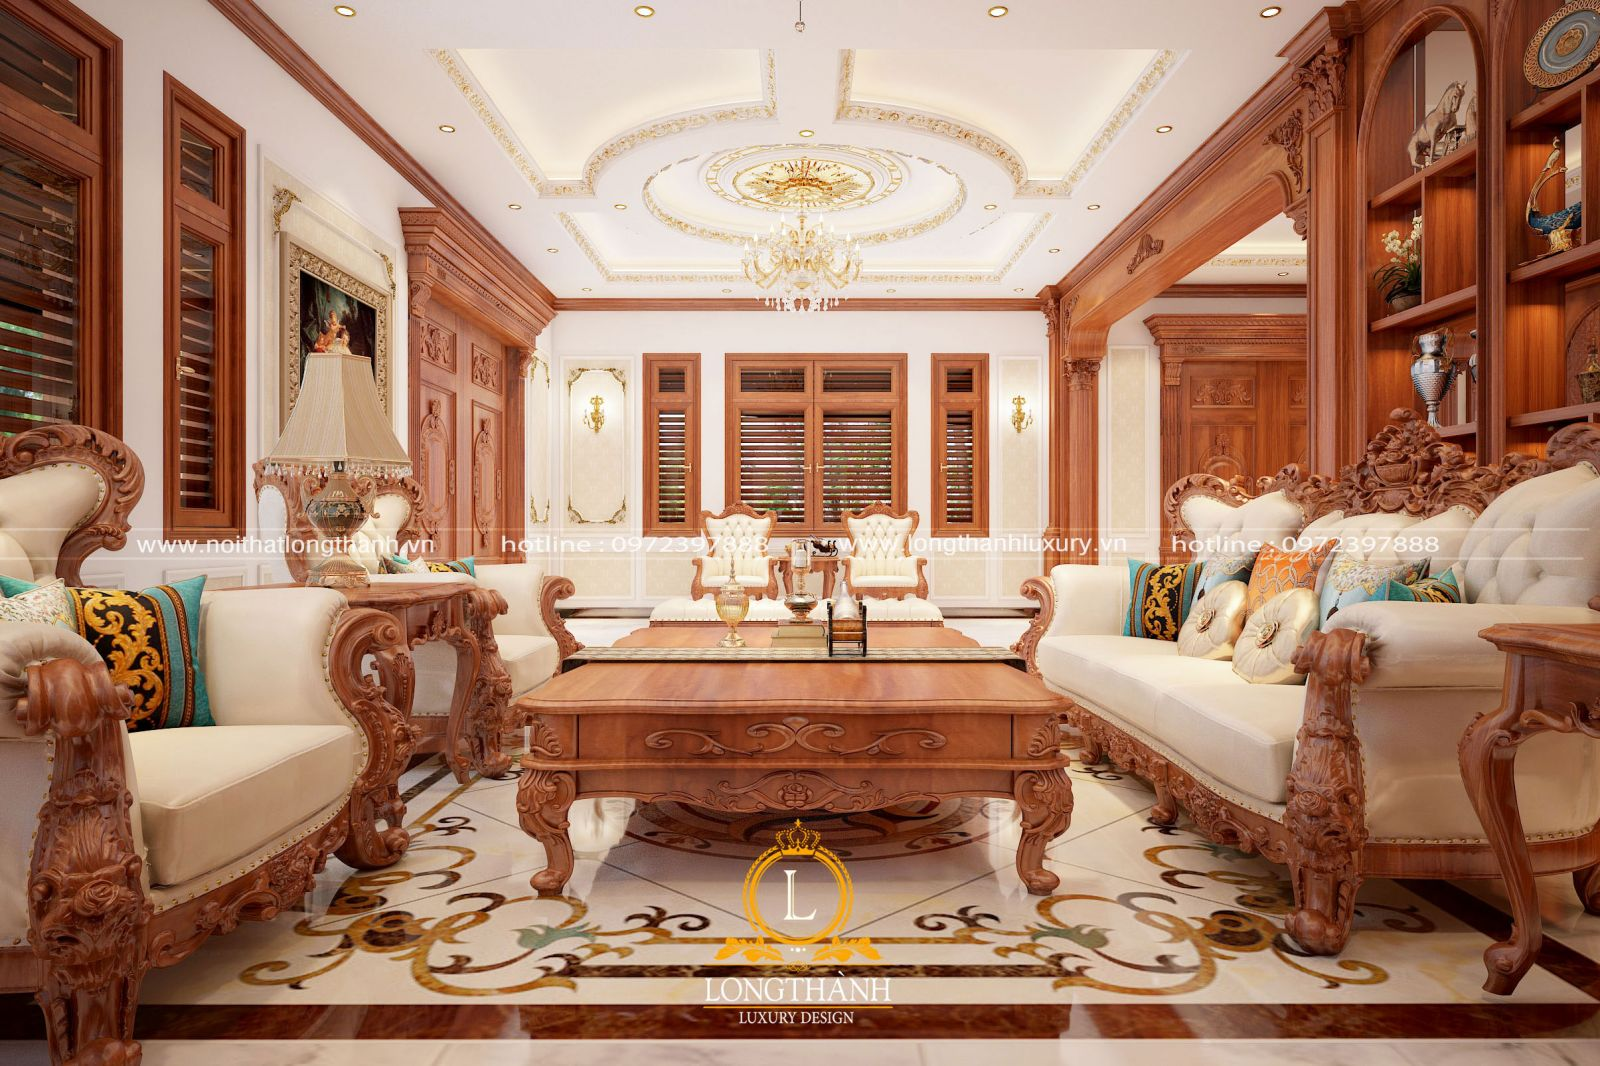 Lựa chọn kích thước sofa tân cổ điển phù hợp với tổng thể không gian